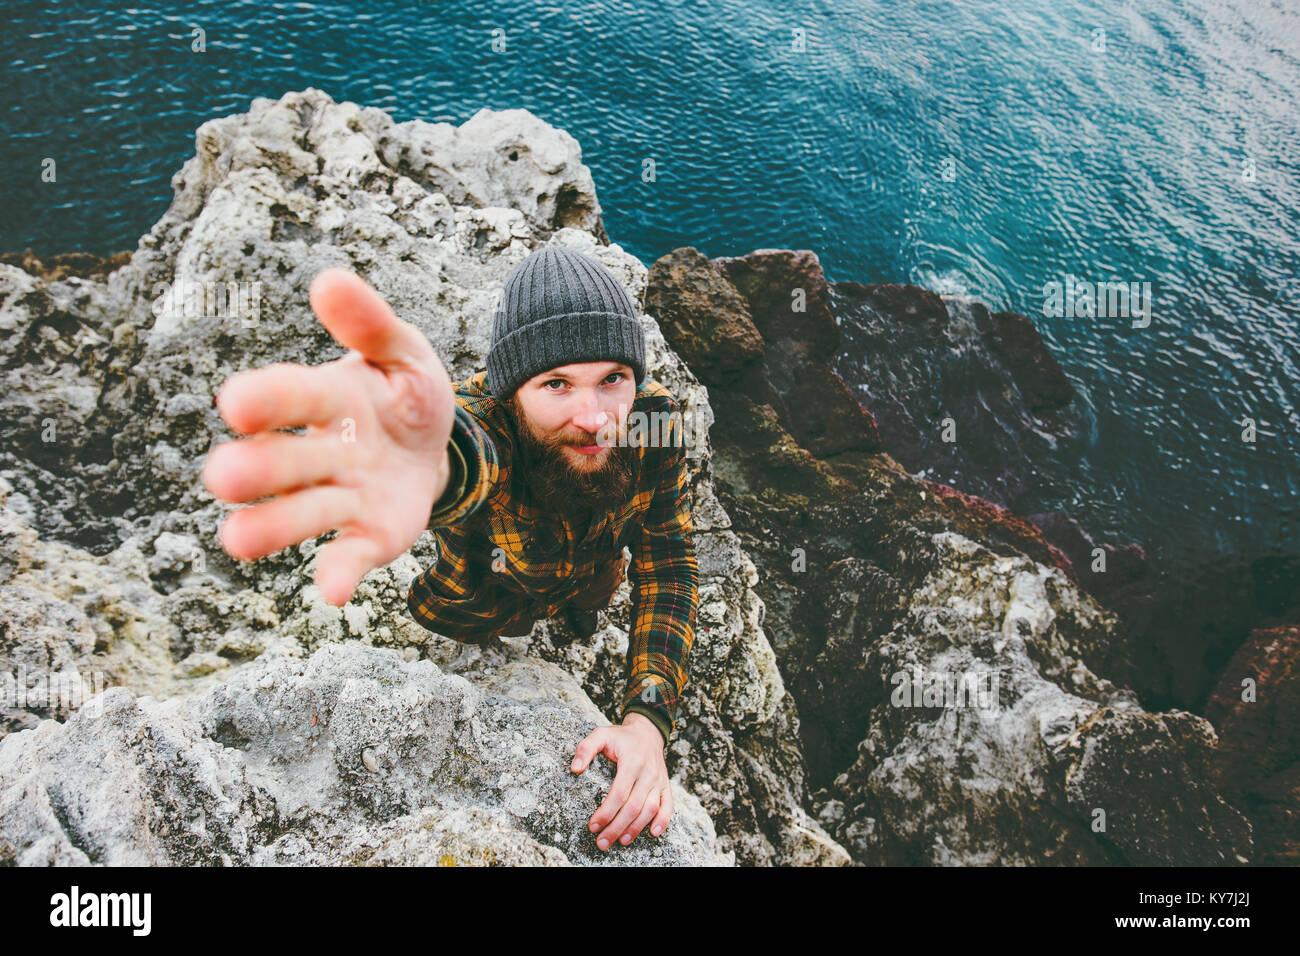 Hombre ayudar dando la mano de viaje vacaciones en concepto de estilo de vida al aire libre en el mar Imagen De Stock